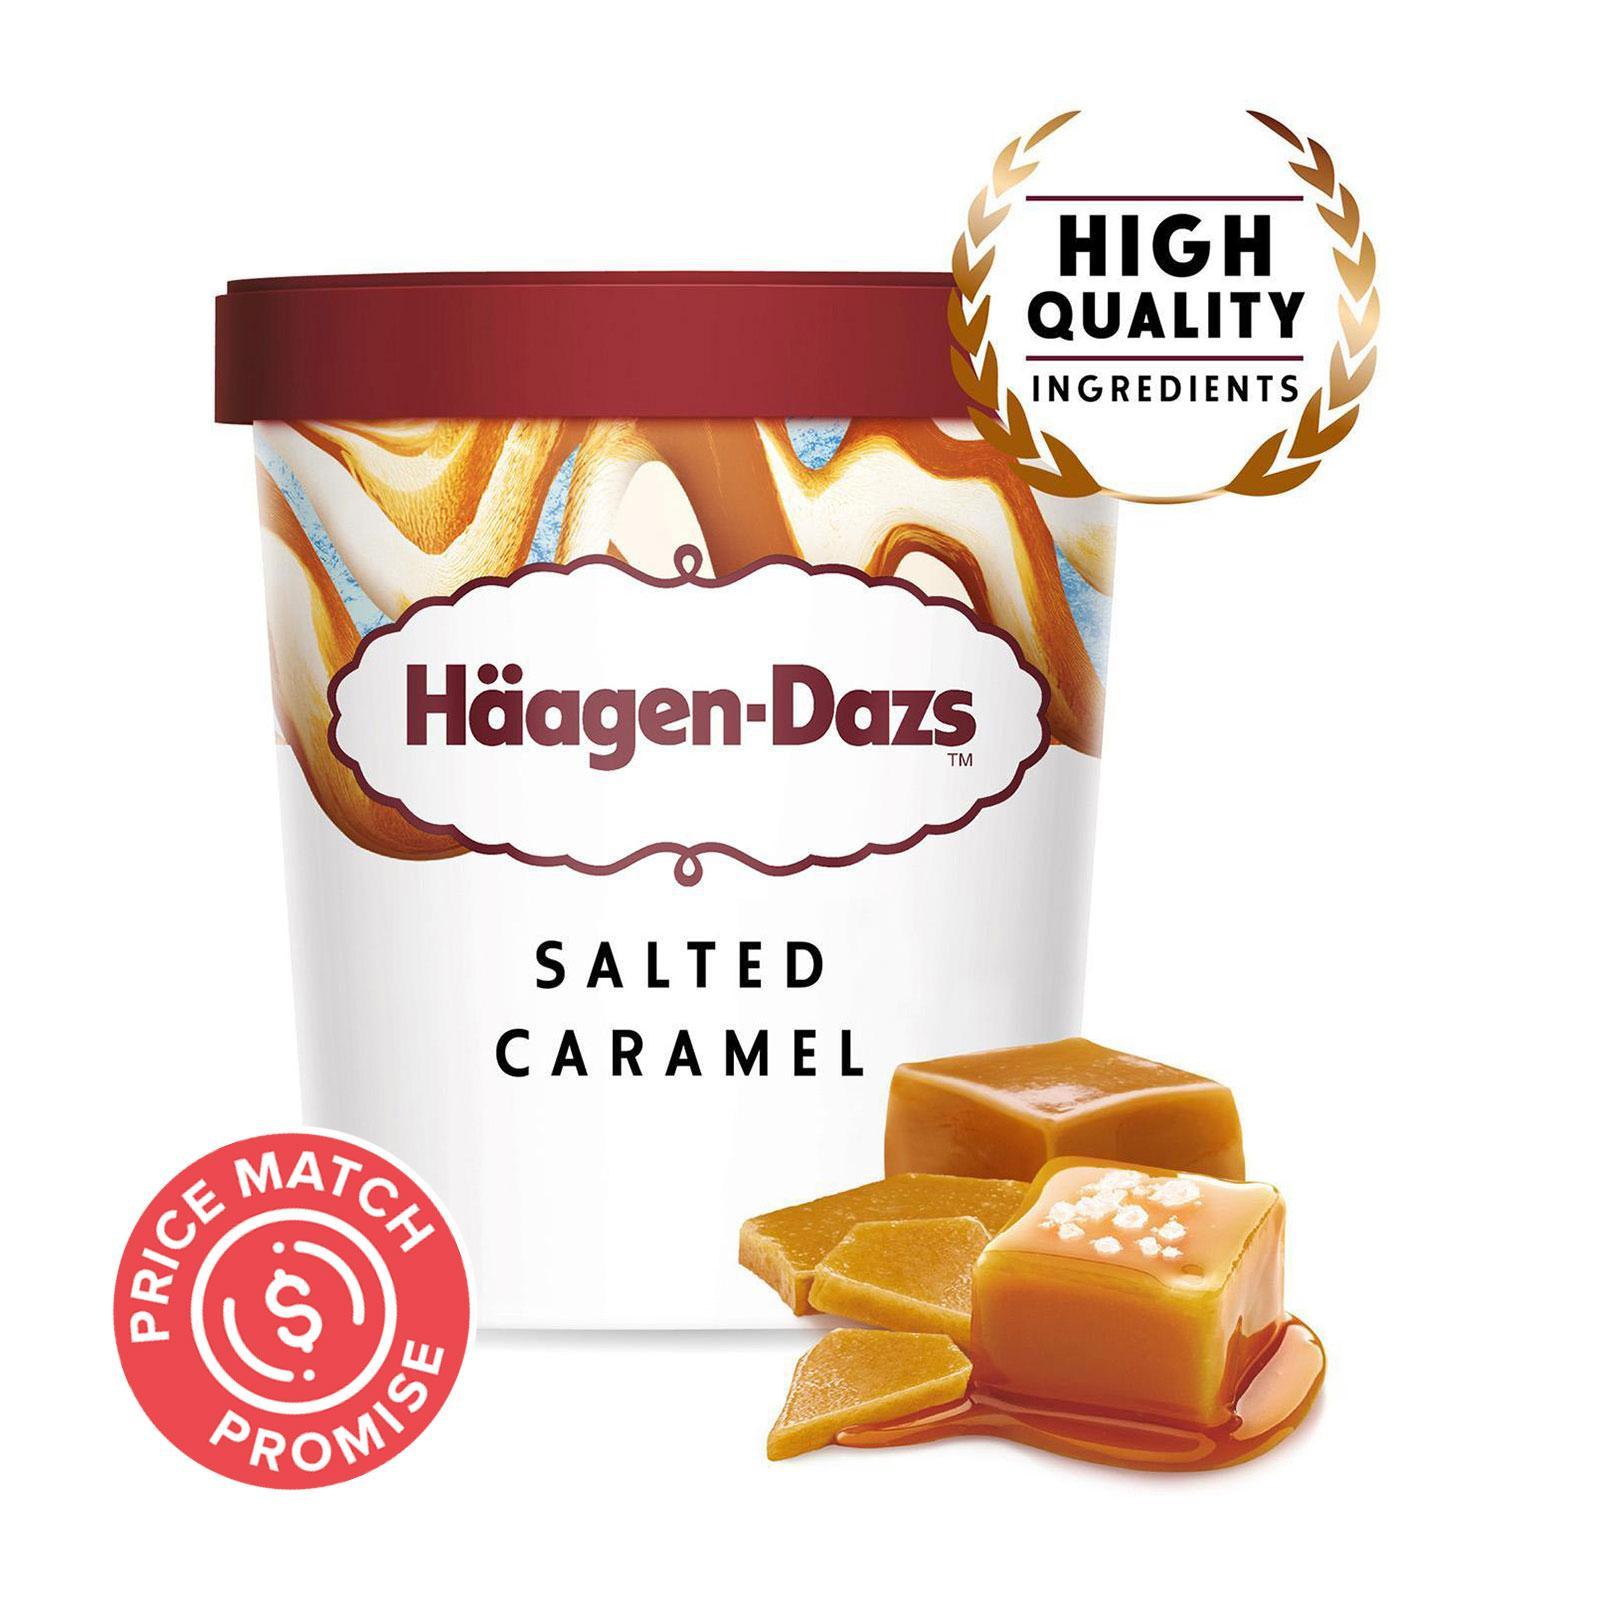 HAAGEN DAZS Salted Caramel Pint 473ml